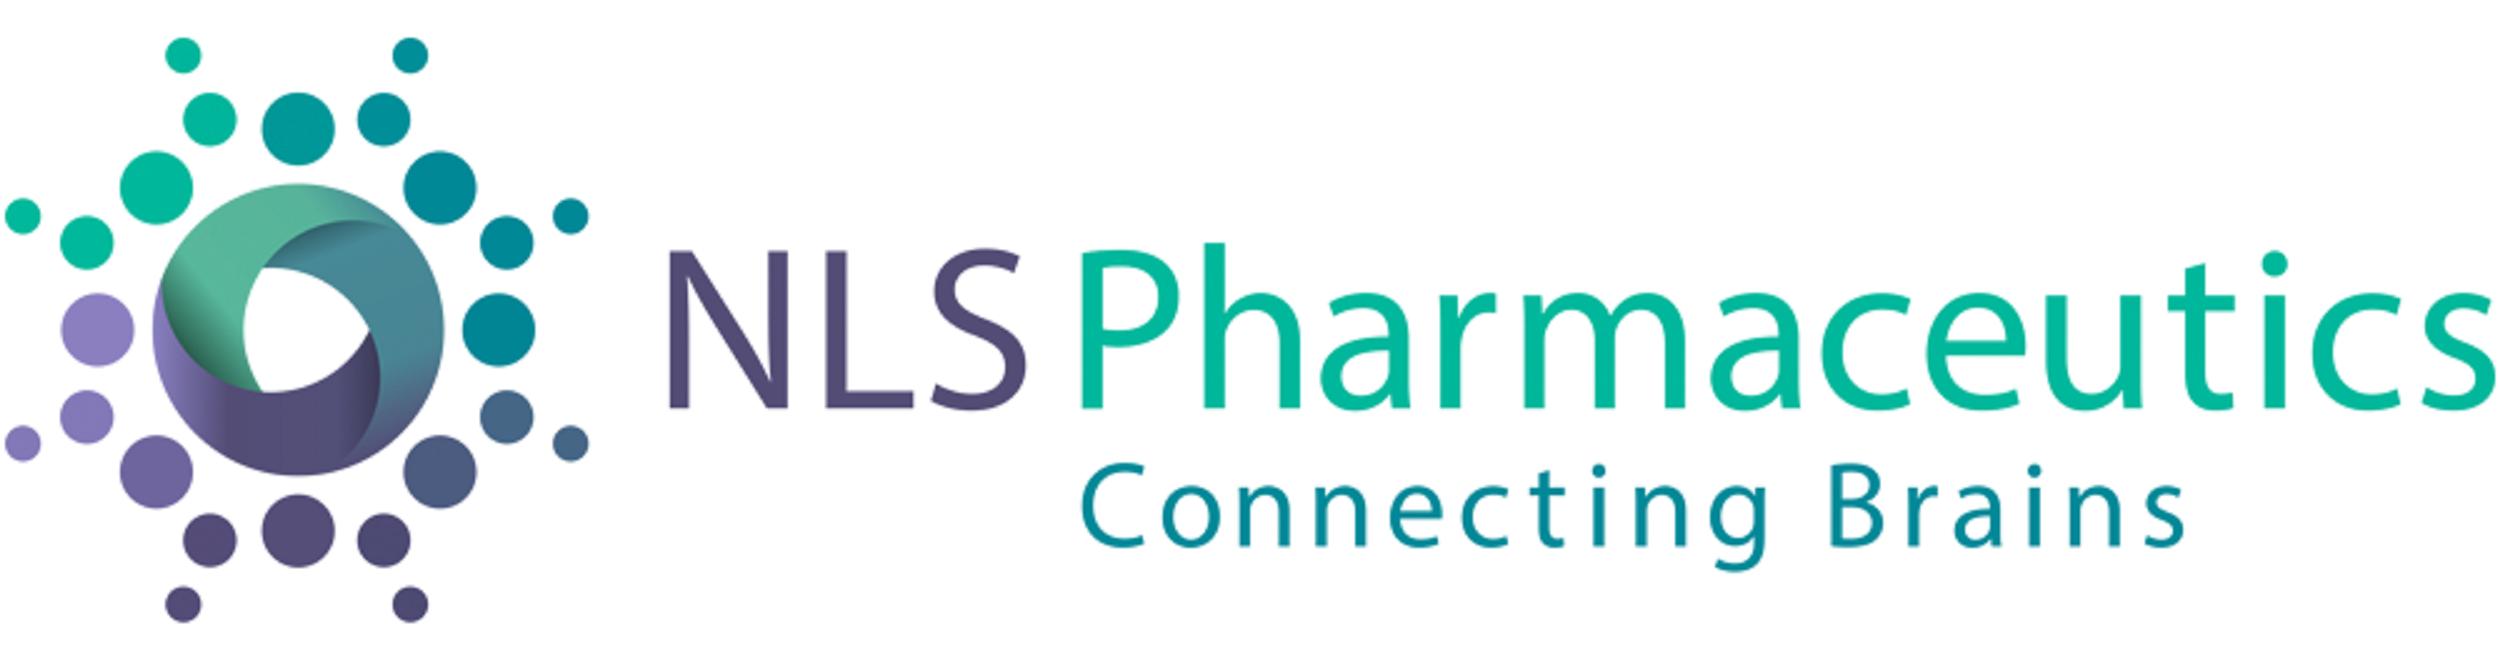 NLSP logo